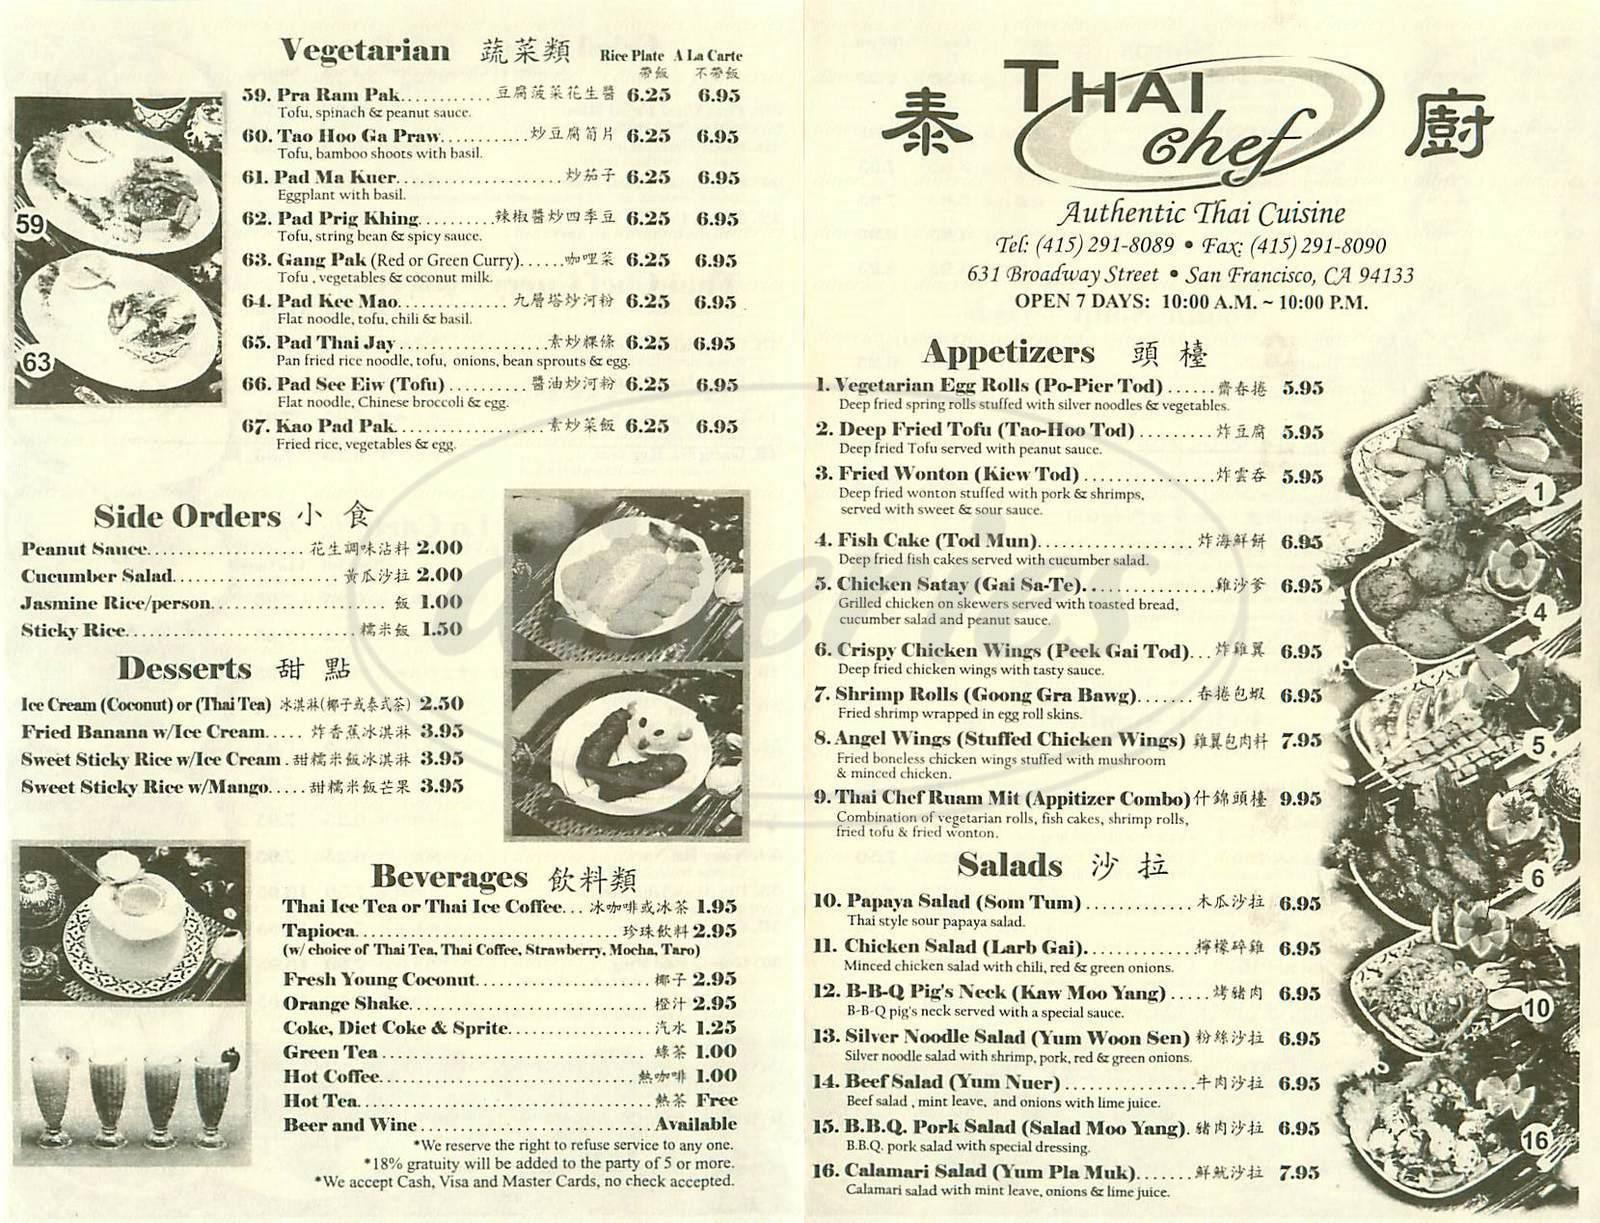 menu for Thai Chef